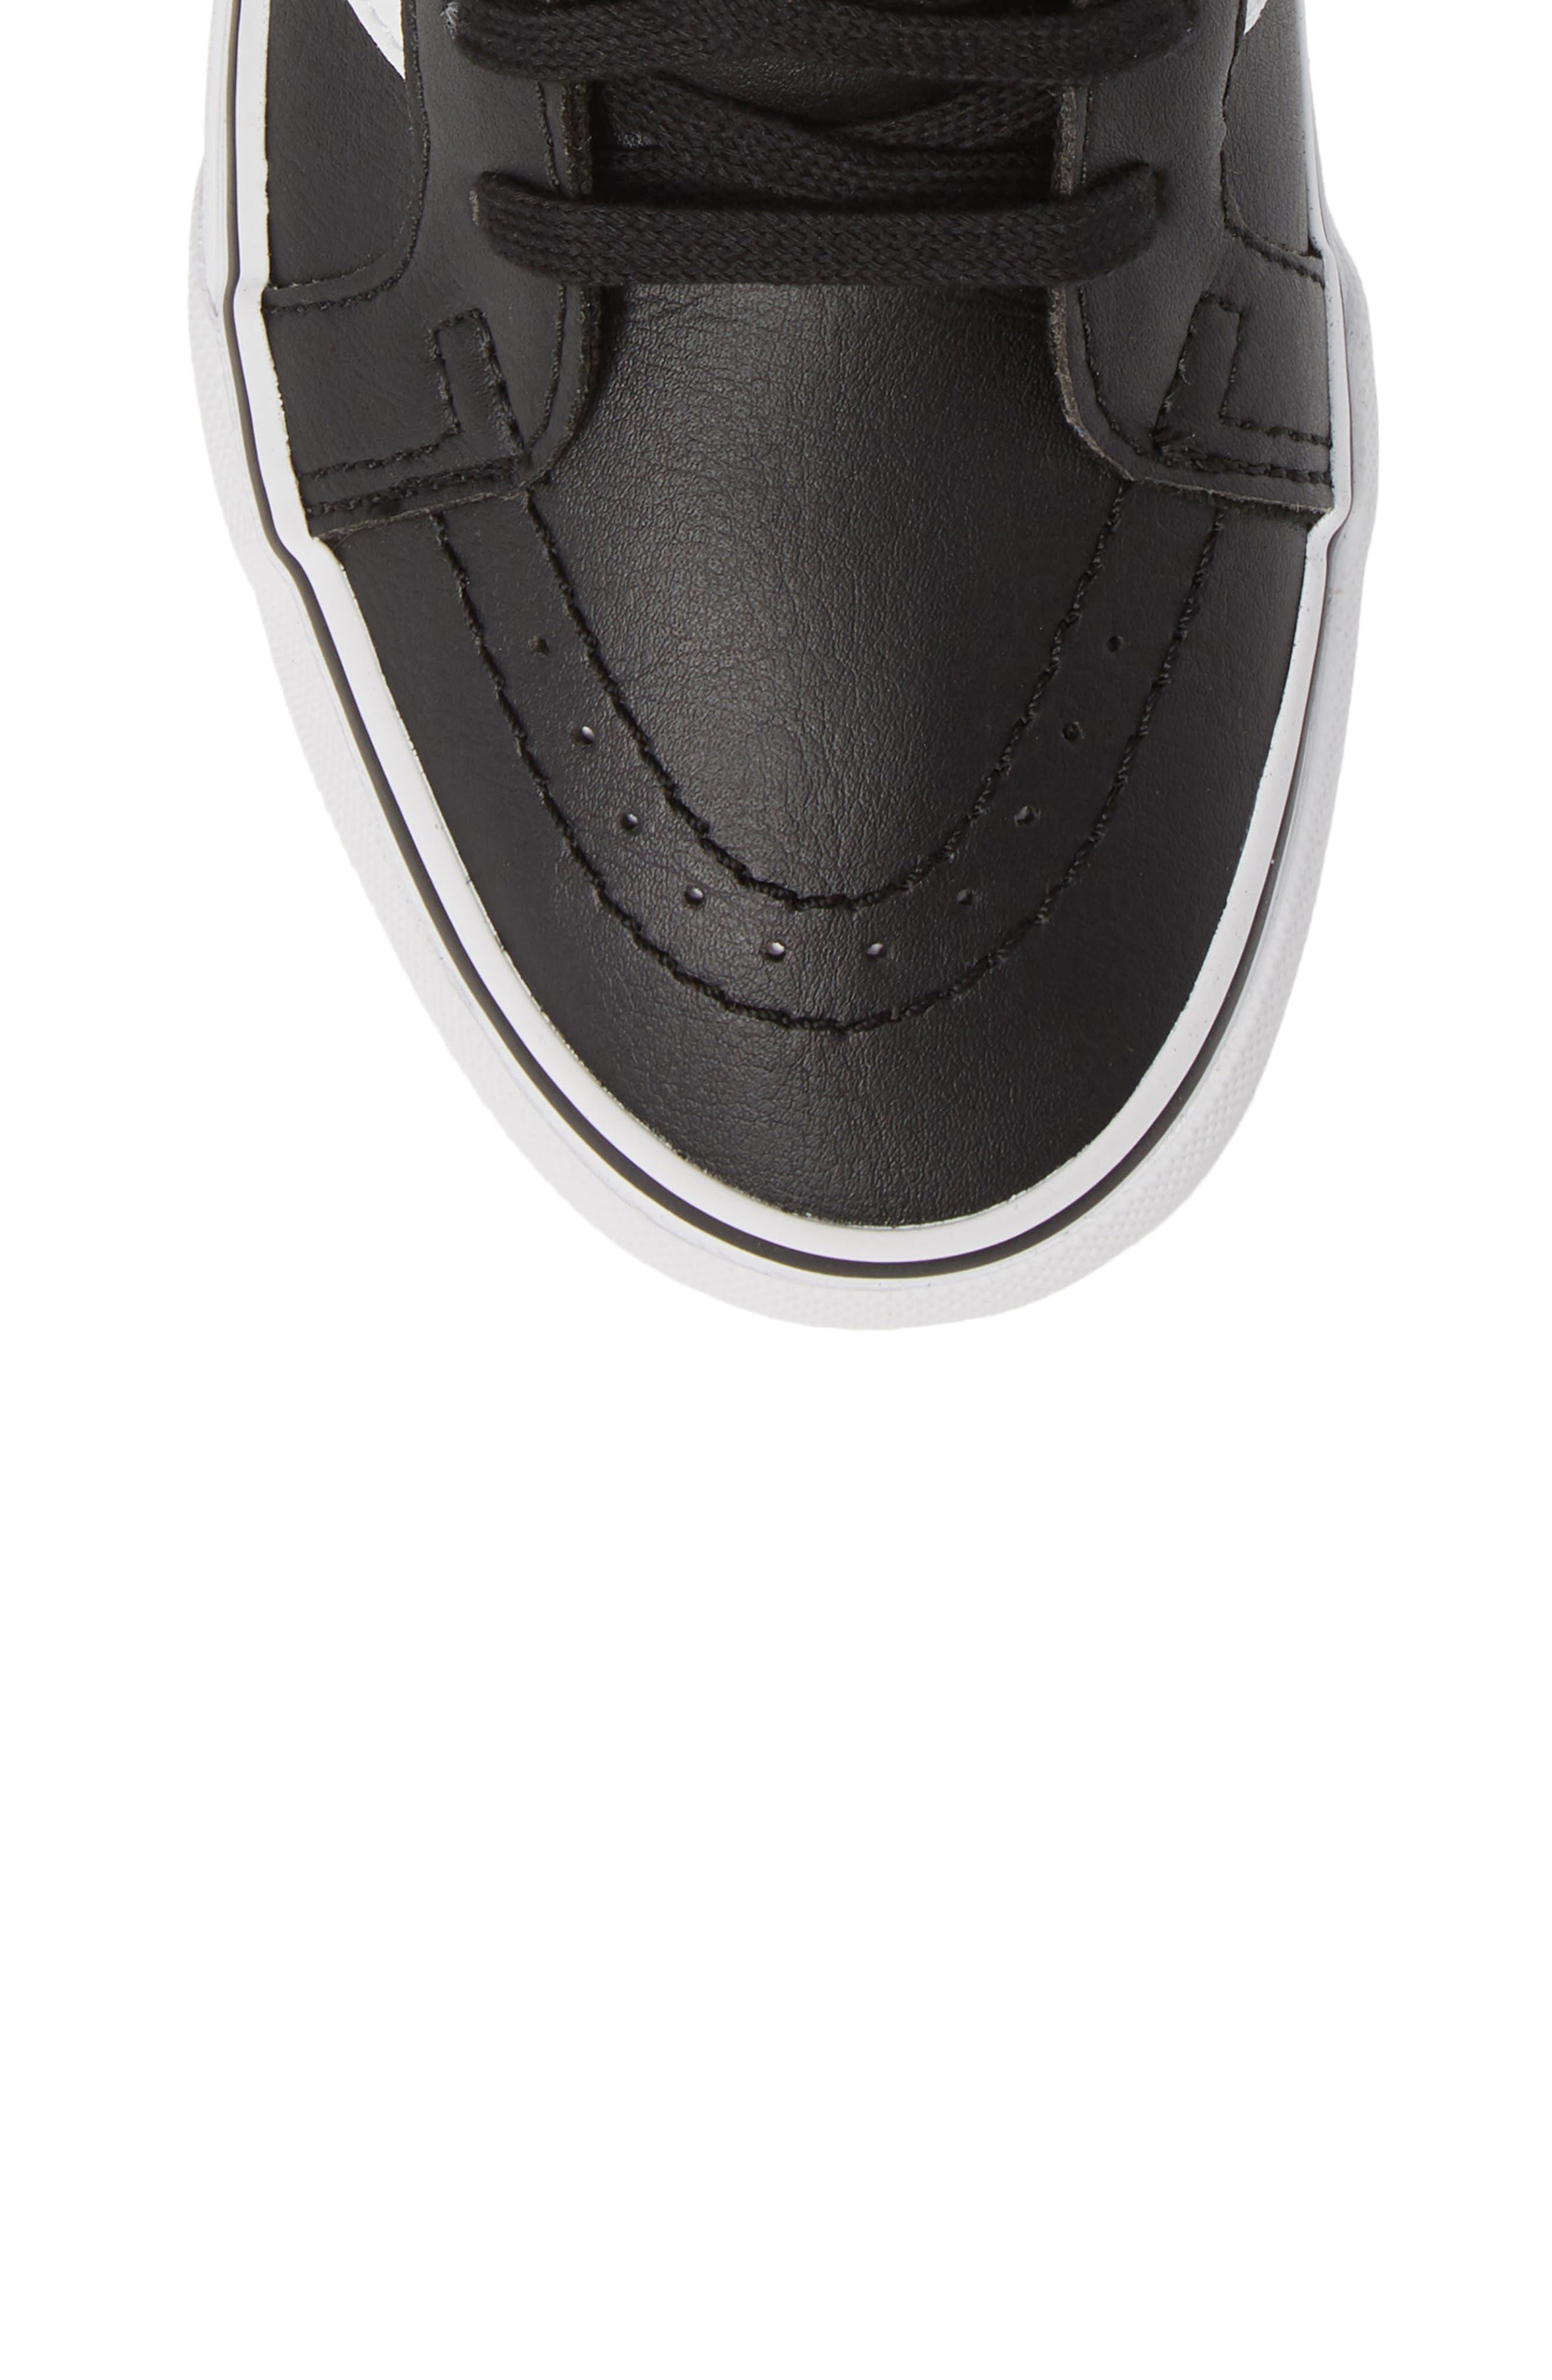 VANS,                             'Sk8-Hi Reissue' Sneaker,                             Alternate thumbnail 5, color,                             BLACK/ TRUE WHITE